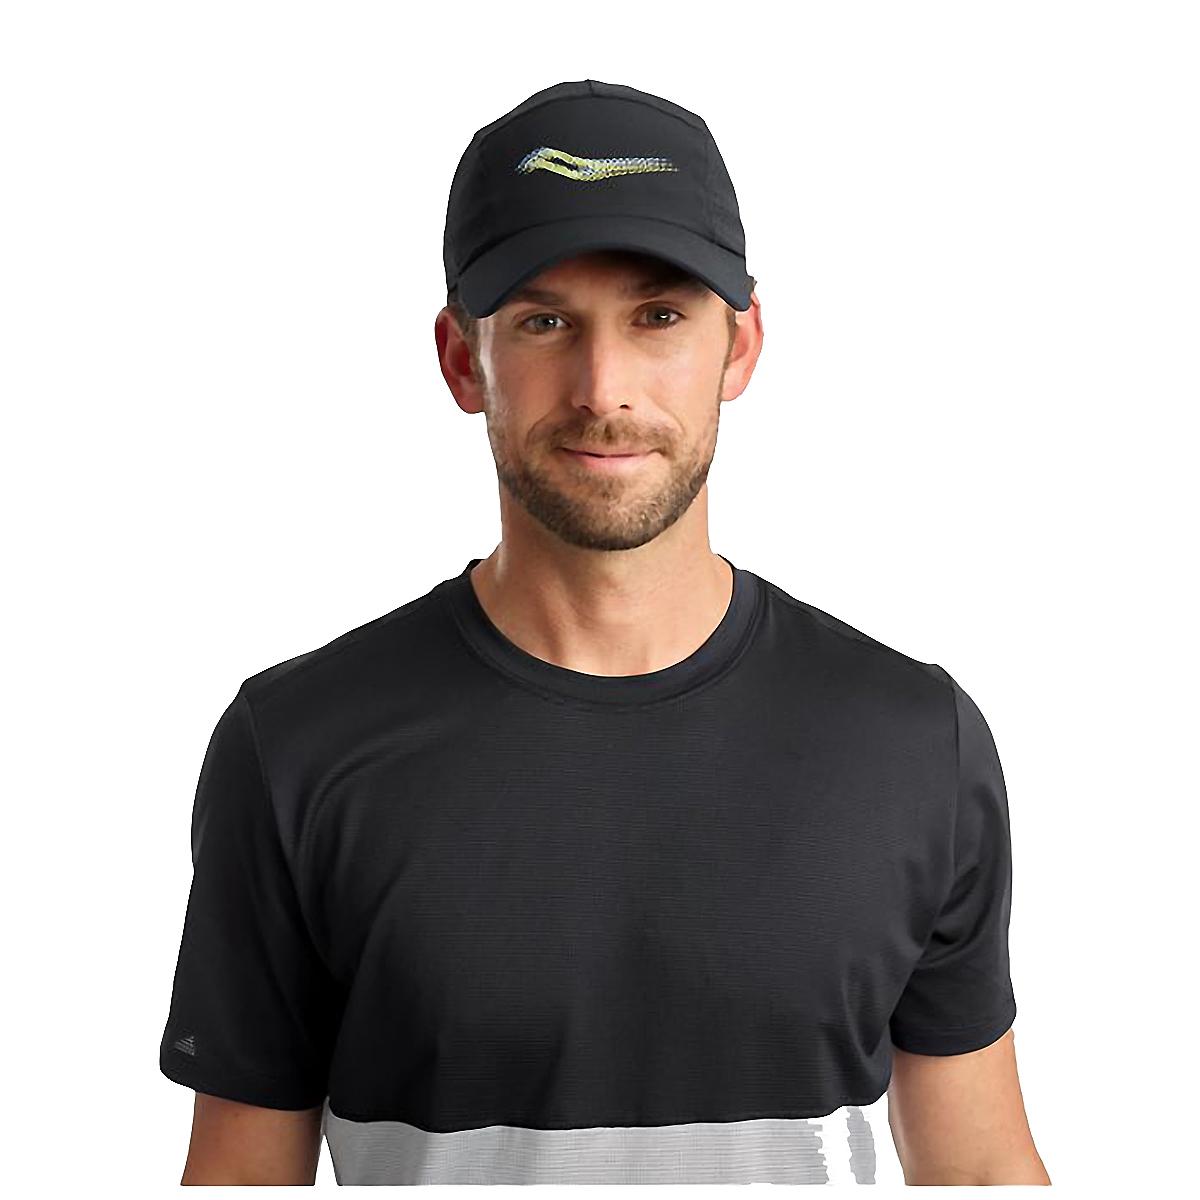 Saucony Outpace Hat - Color: Black, Black, large, image 3